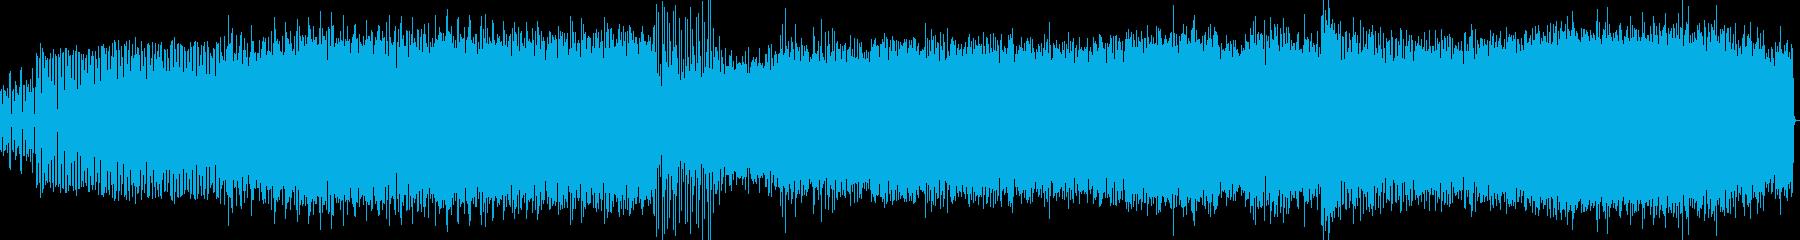 アクションシーン向けのEDMの再生済みの波形